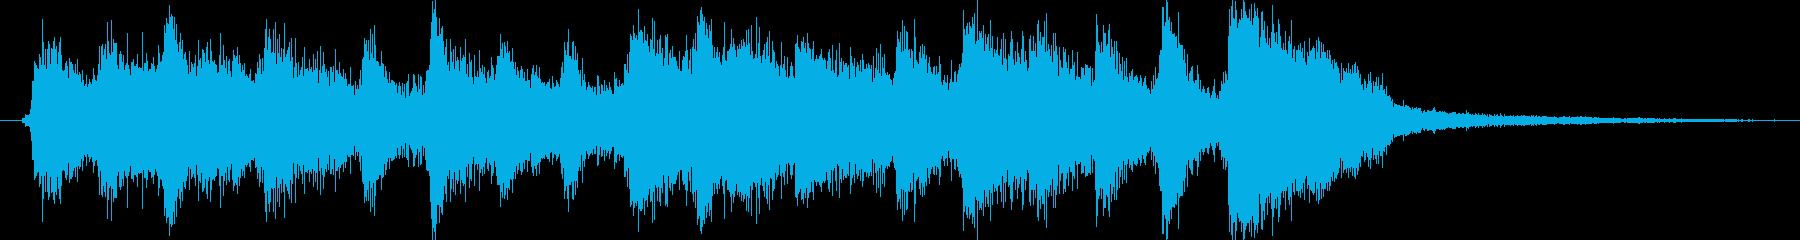 場面転換やつなぎにいかがでしょうか。ハ…の再生済みの波形